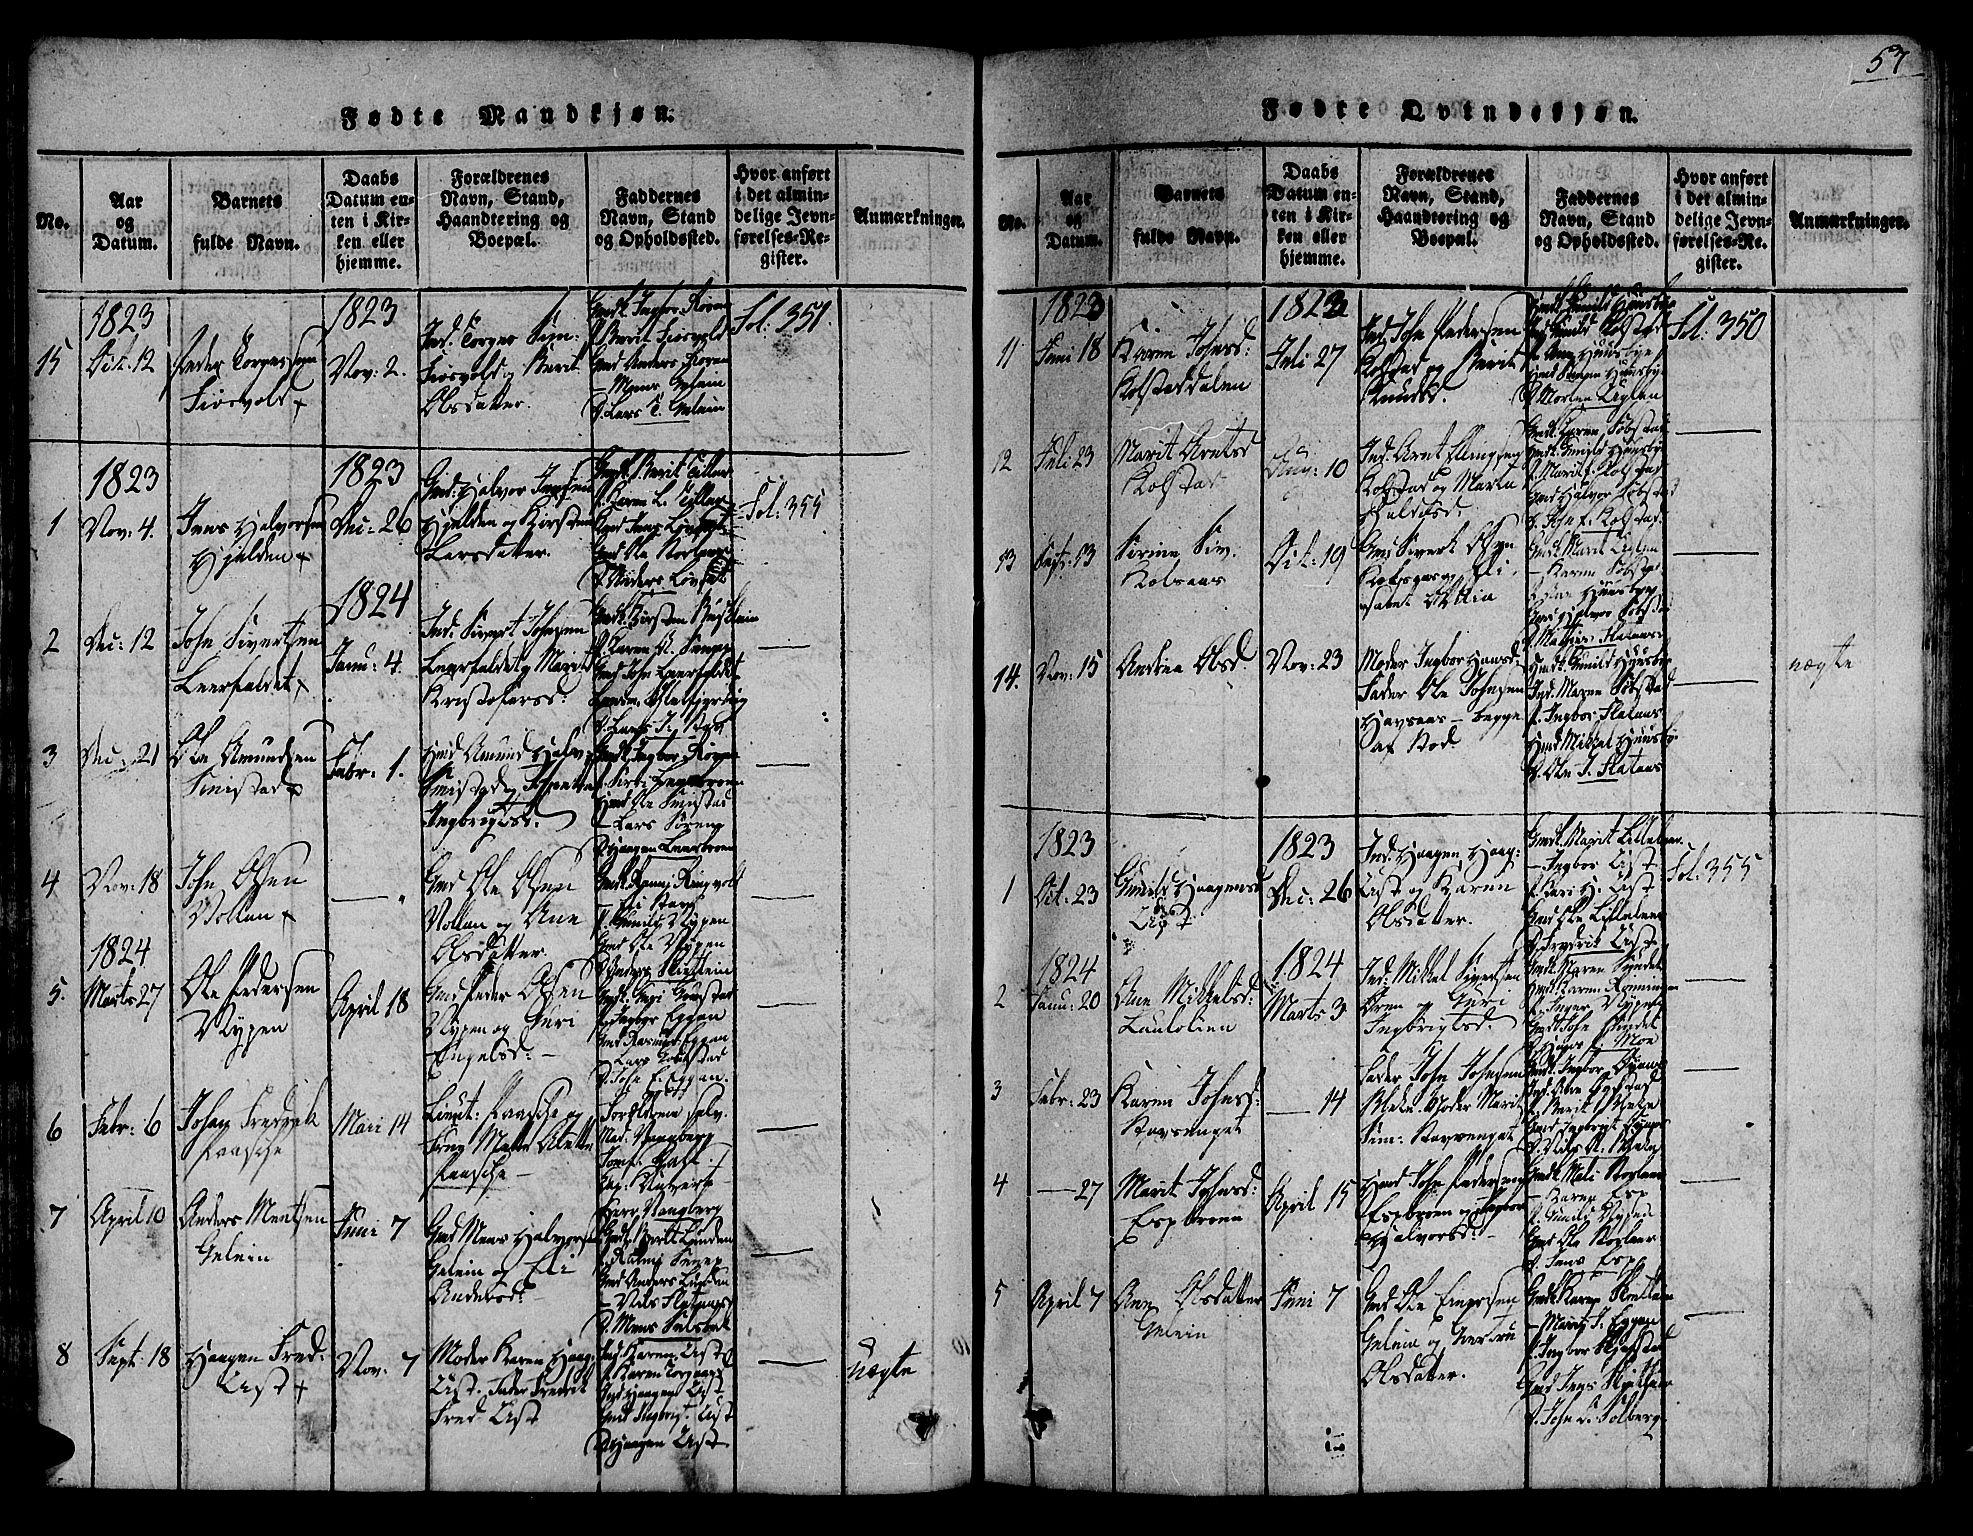 SAT, Ministerialprotokoller, klokkerbøker og fødselsregistre - Sør-Trøndelag, 691/L1067: Ministerialbok nr. 691A03 /3, 1816-1826, s. 57